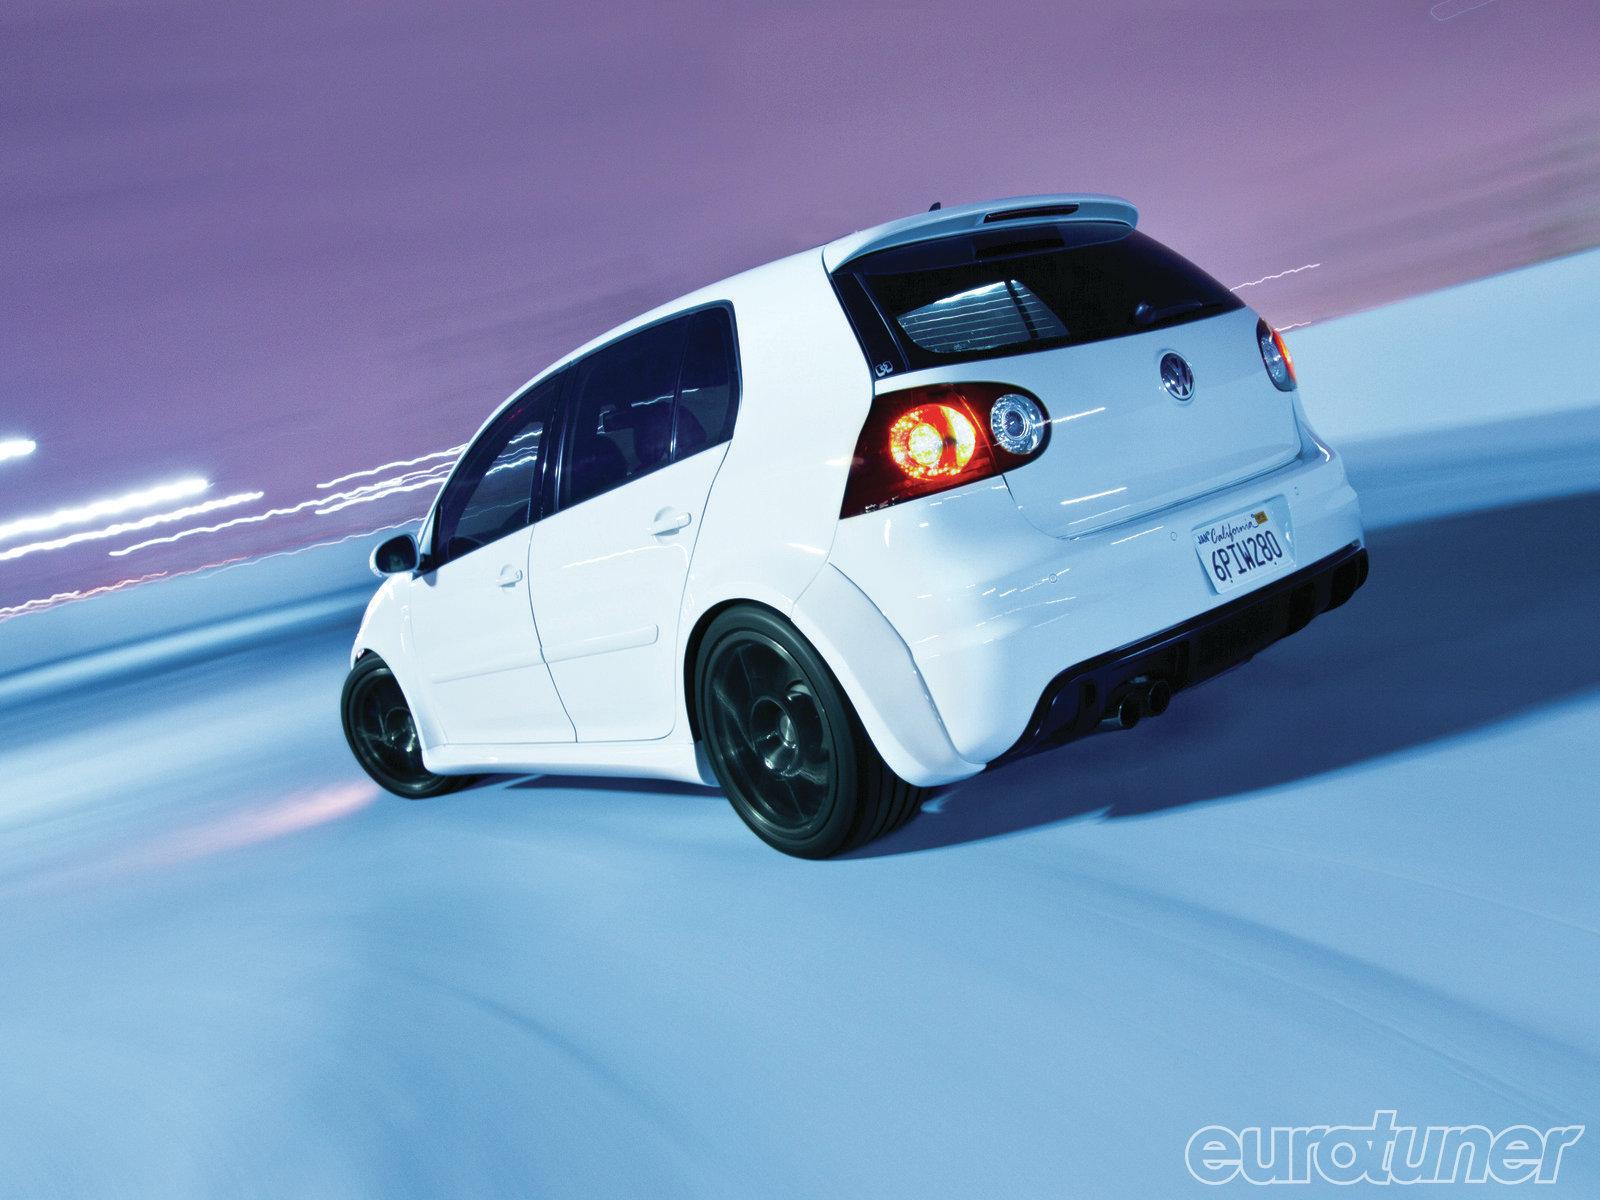 2007 VW GTI - Bells & Whistles - Eurotuner Magazine